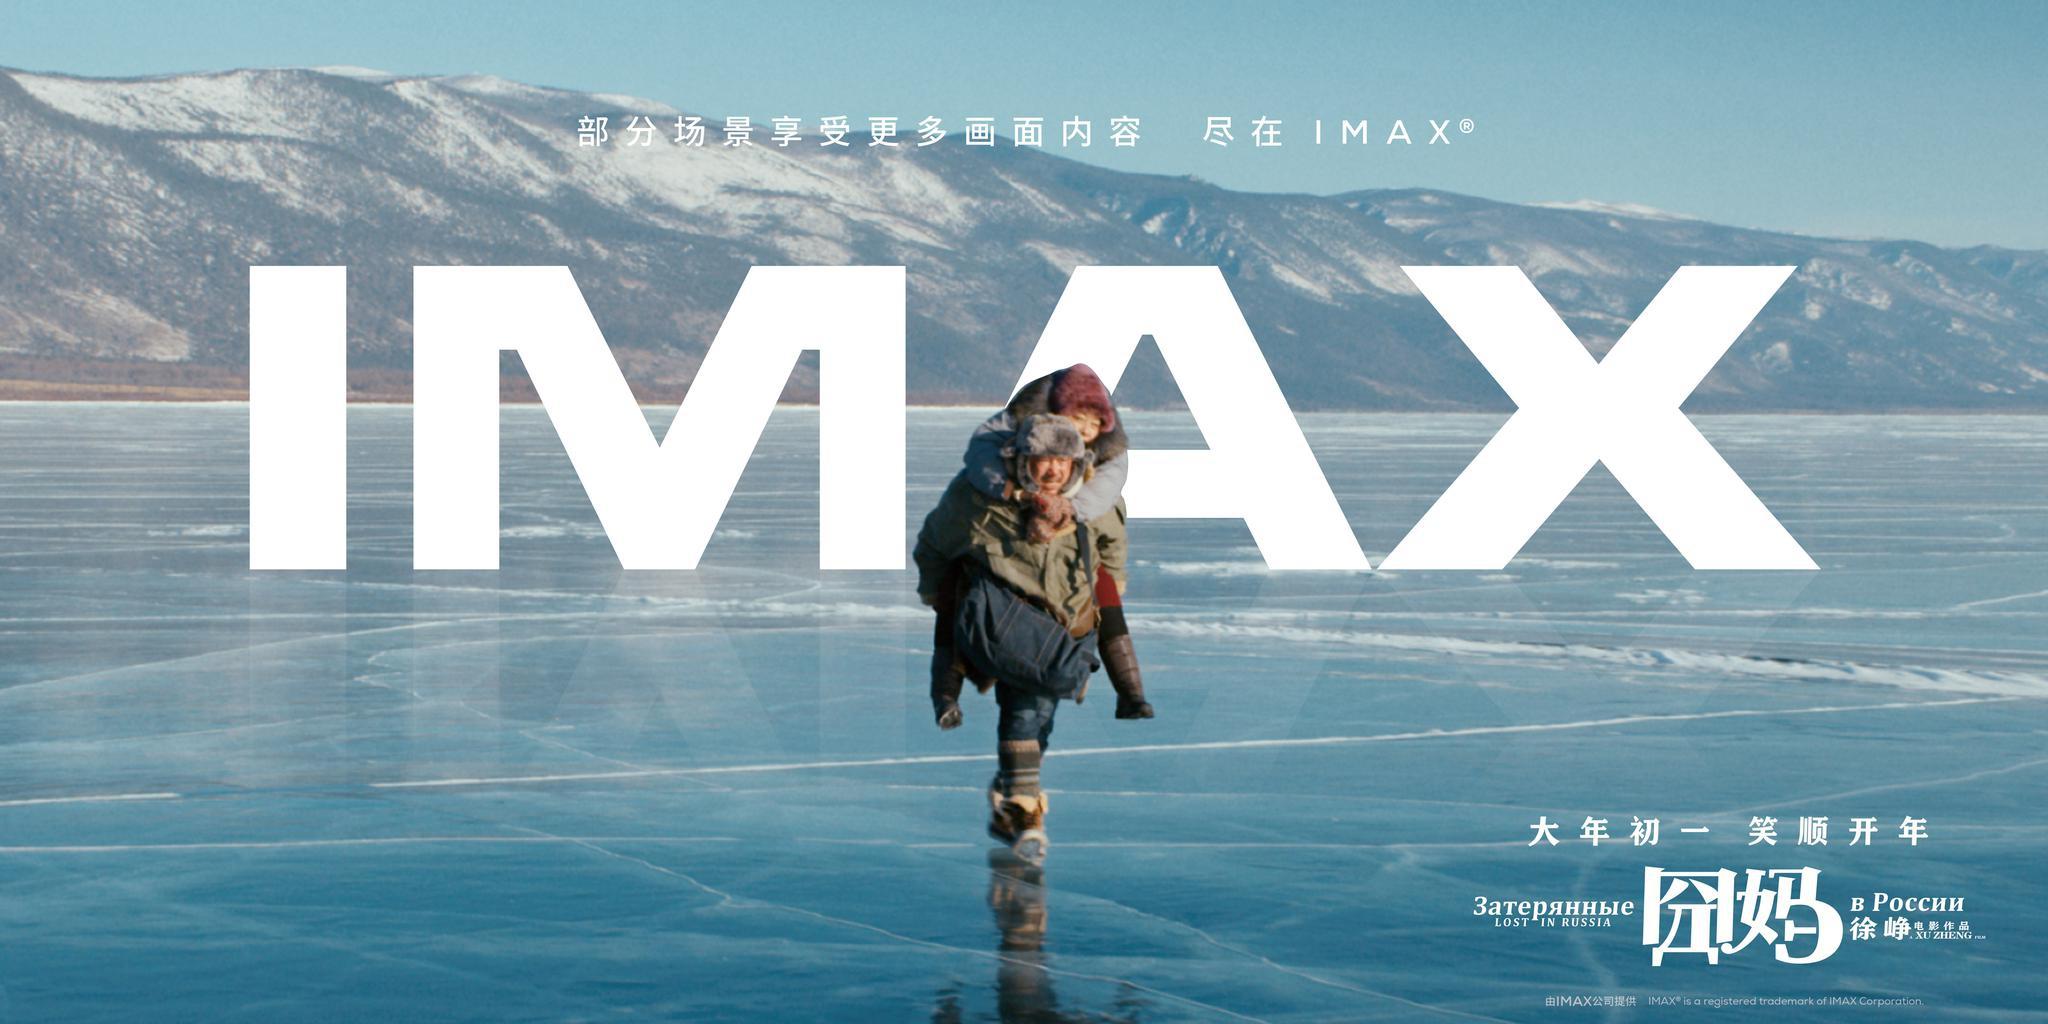 《囧妈》IMAX无界海报曝光  IMAX版将呈现超1小时更多画面内容